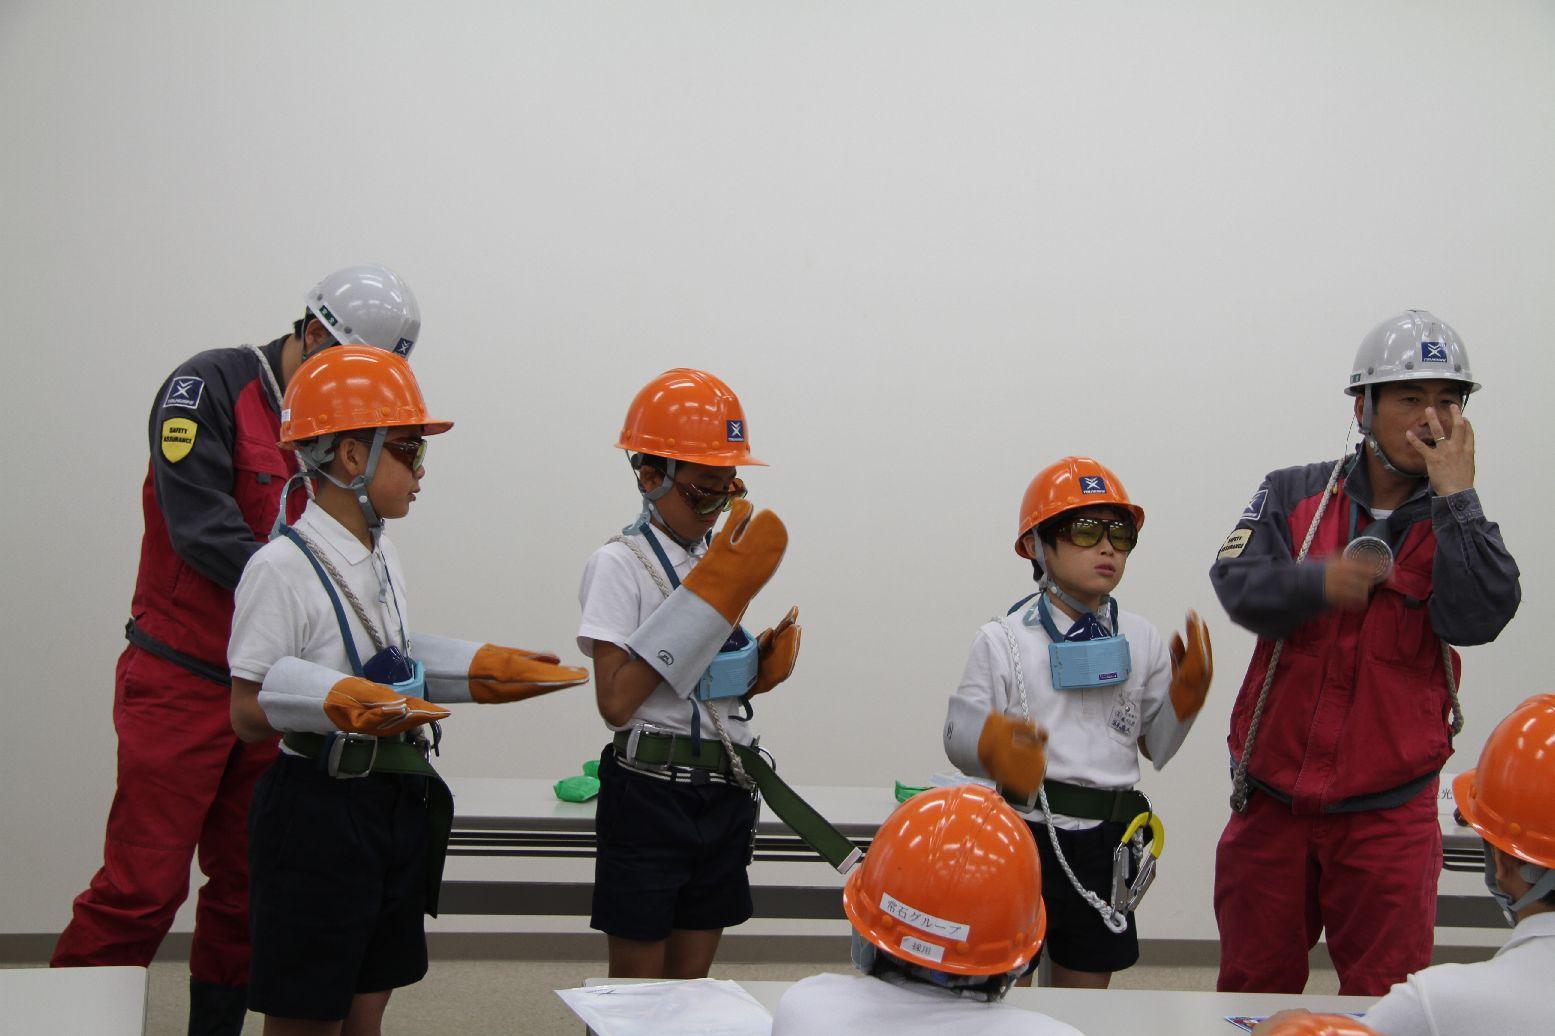 常石造船で保護具を装着を体験(2014年の様子)